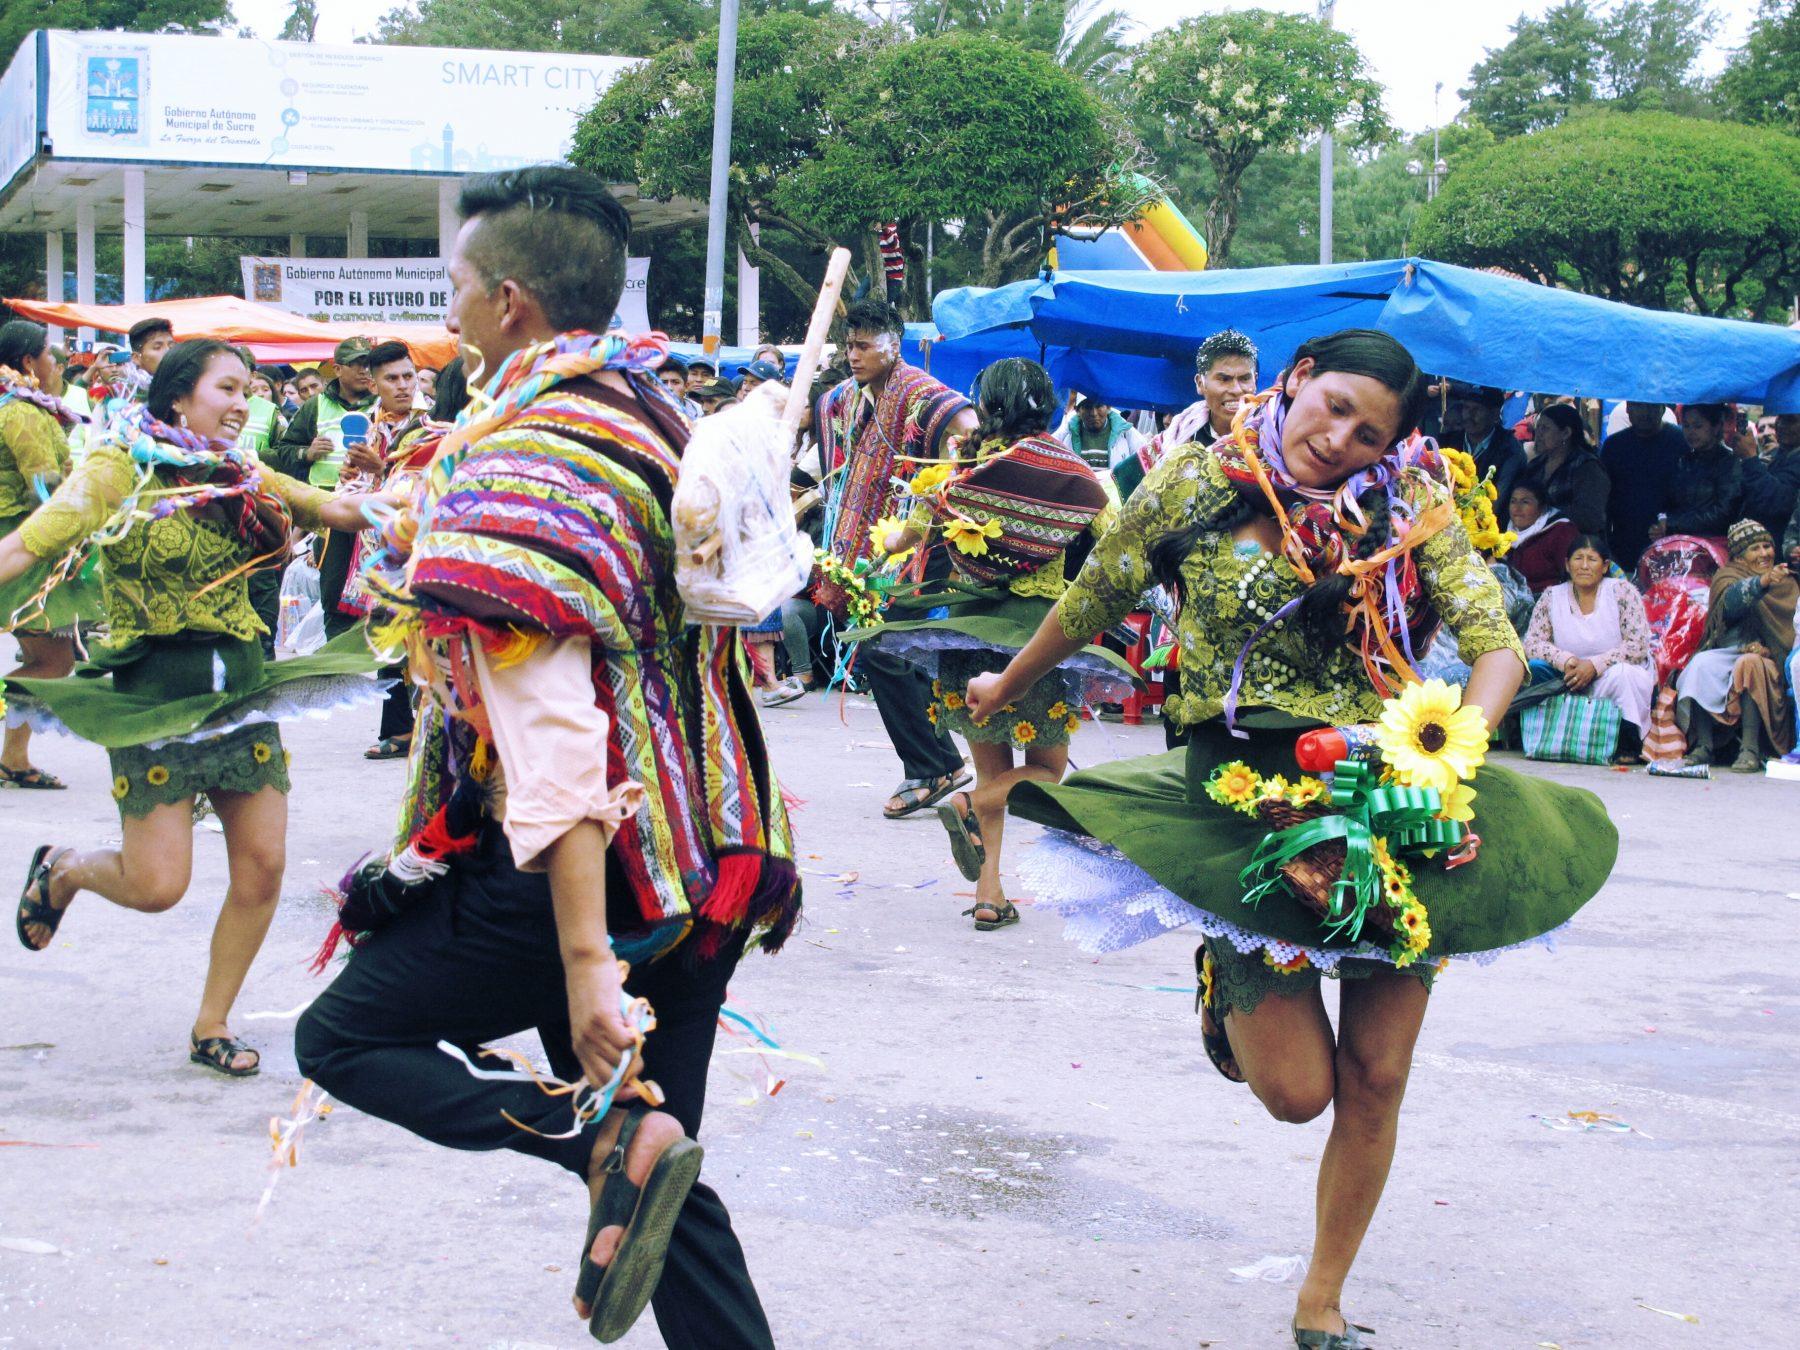 Carnaval de Sucre